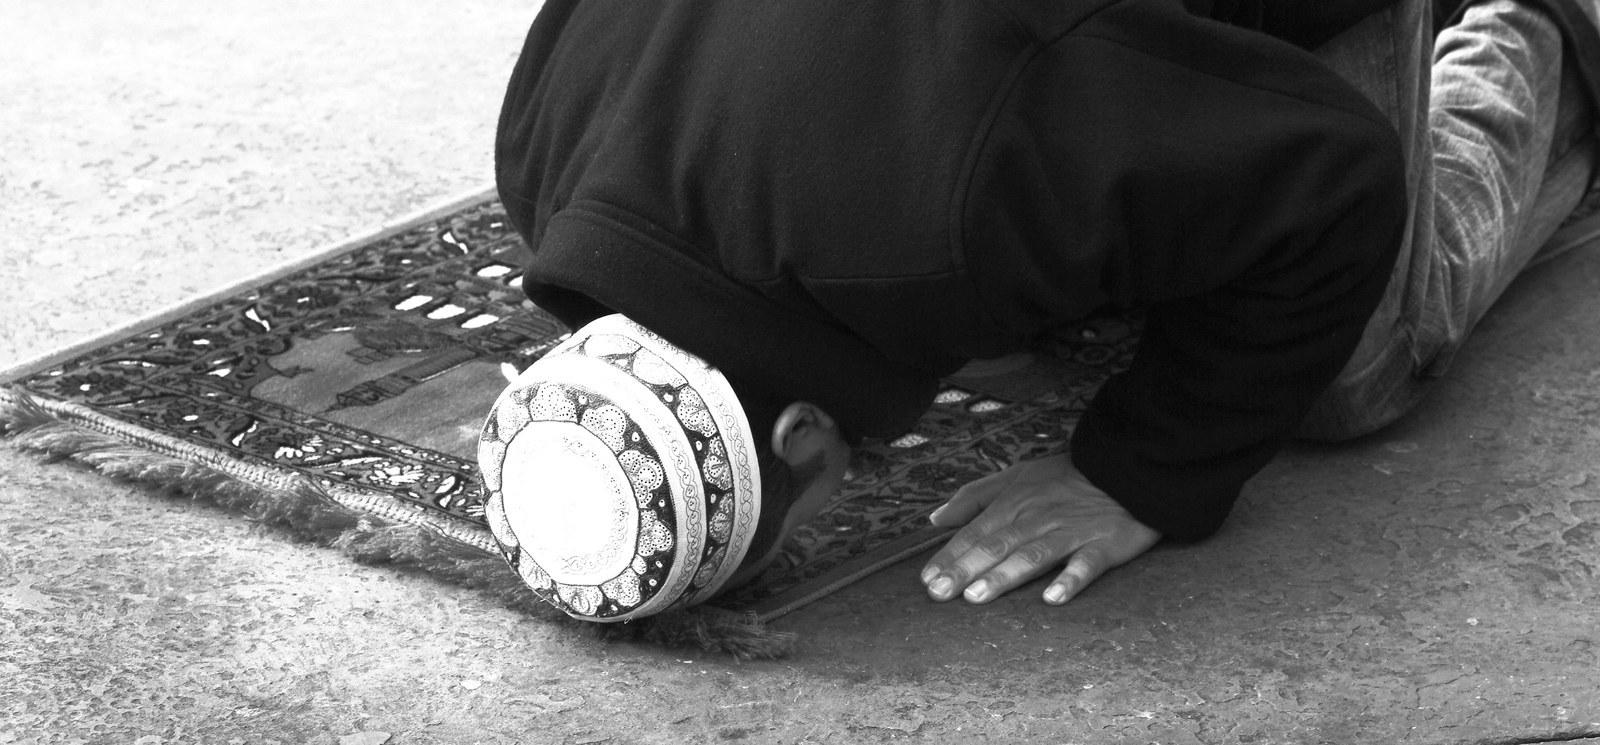 bilder tantra massage muslim marriage